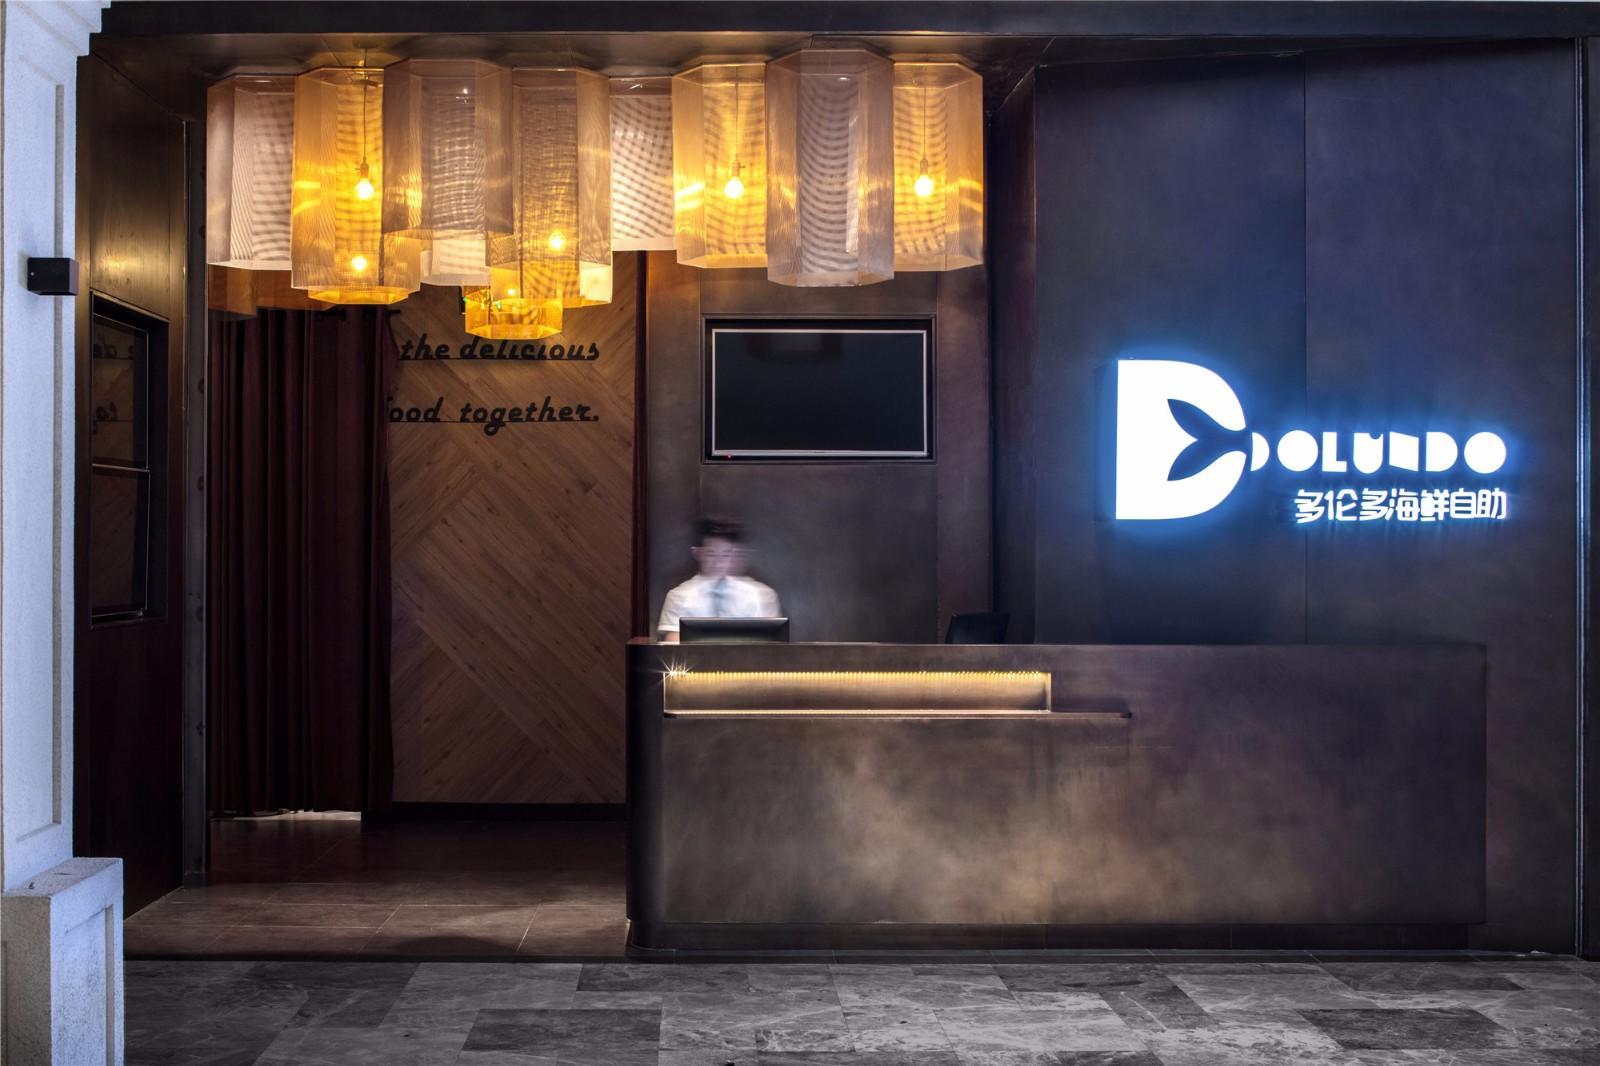 自助餐厅入口前台装修设计